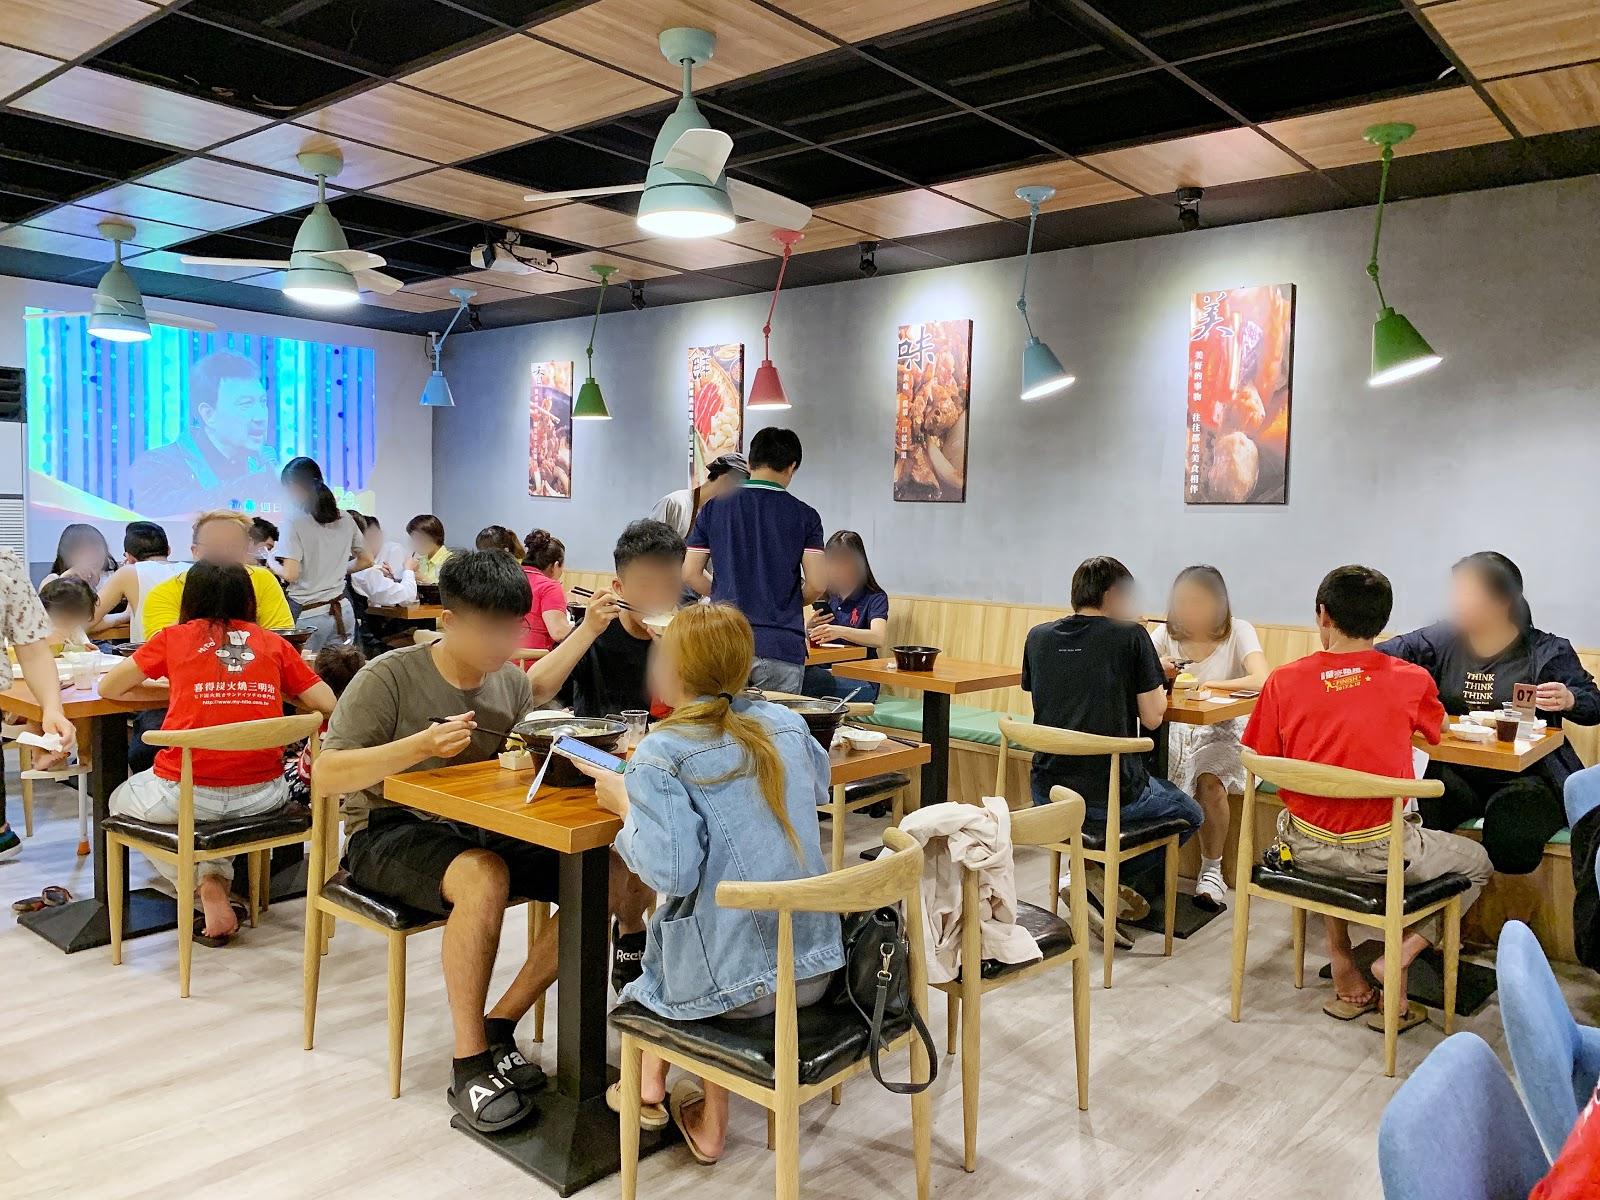 台南北區美食小石鍋店內環境